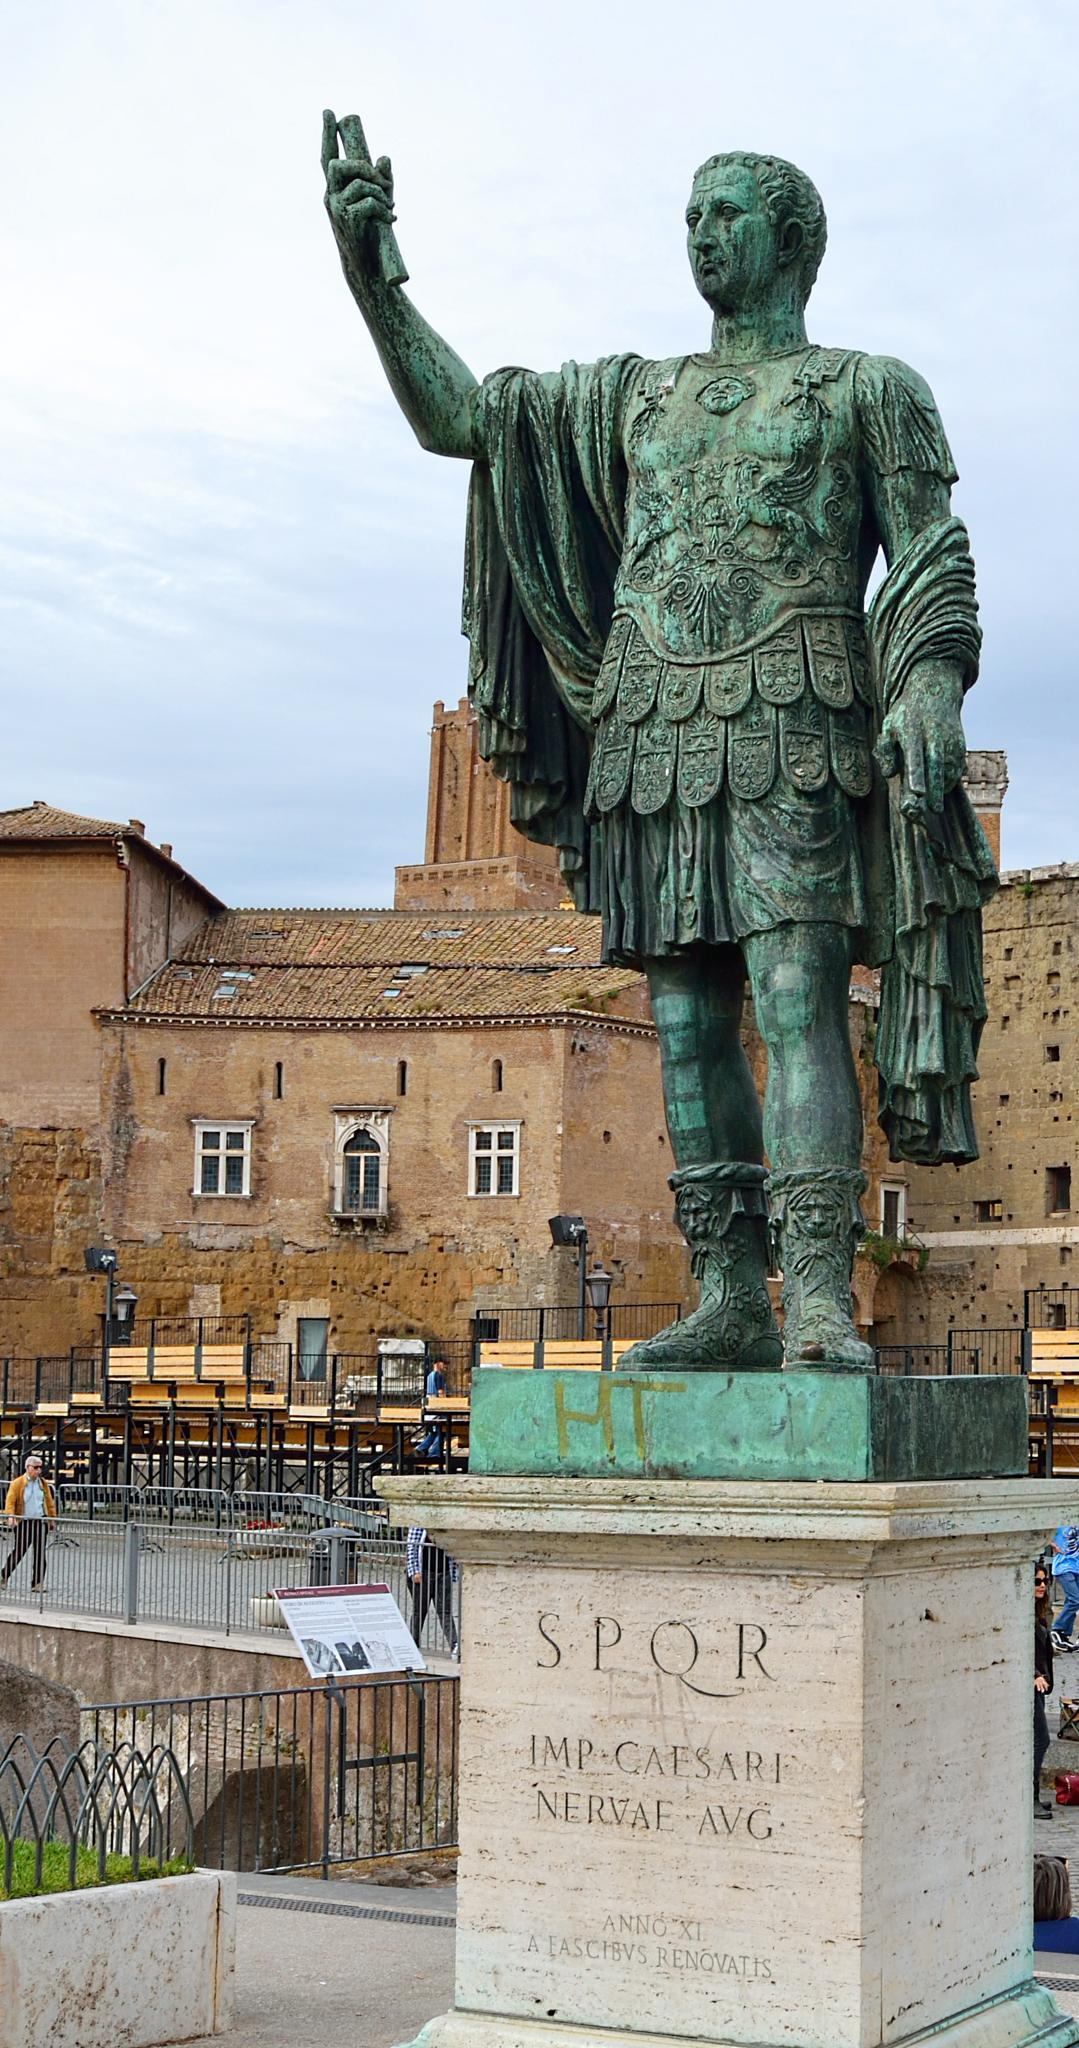 Estatua de Cesar Augusto - Statua di Cesare Augusto - Statue of Cesar Augusto by cjcastromm